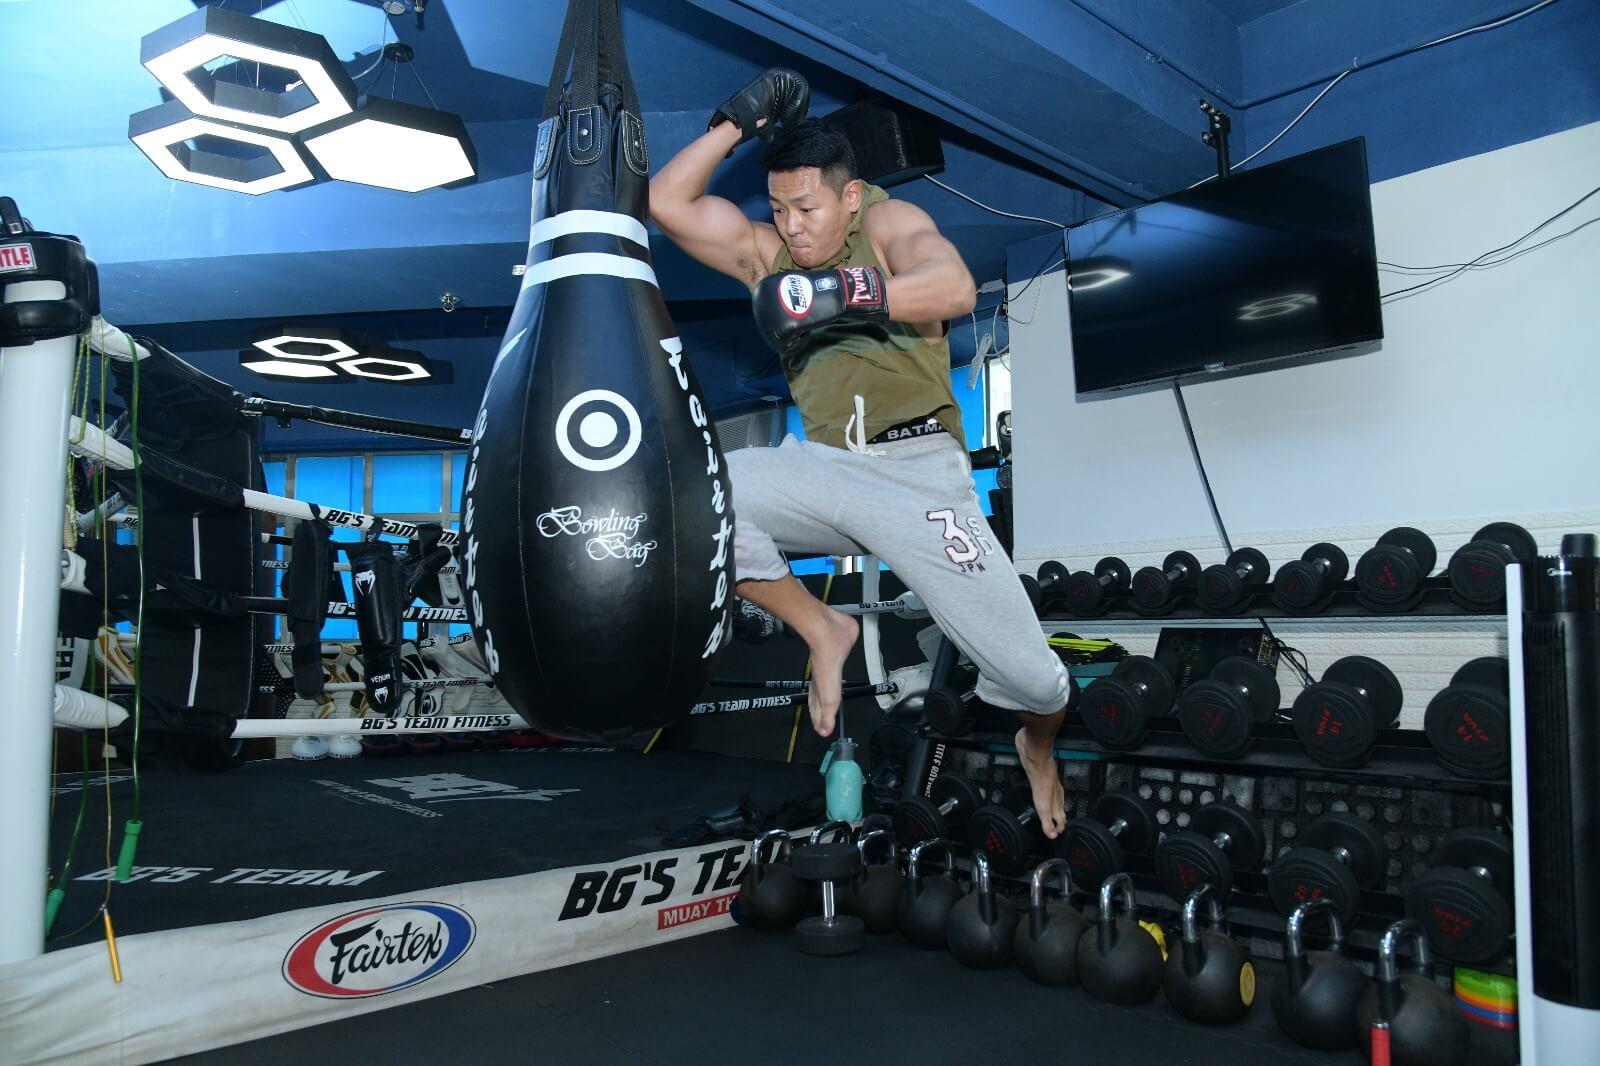 跳躍飛是古泰拳的打法,現實中甚少機會運用。